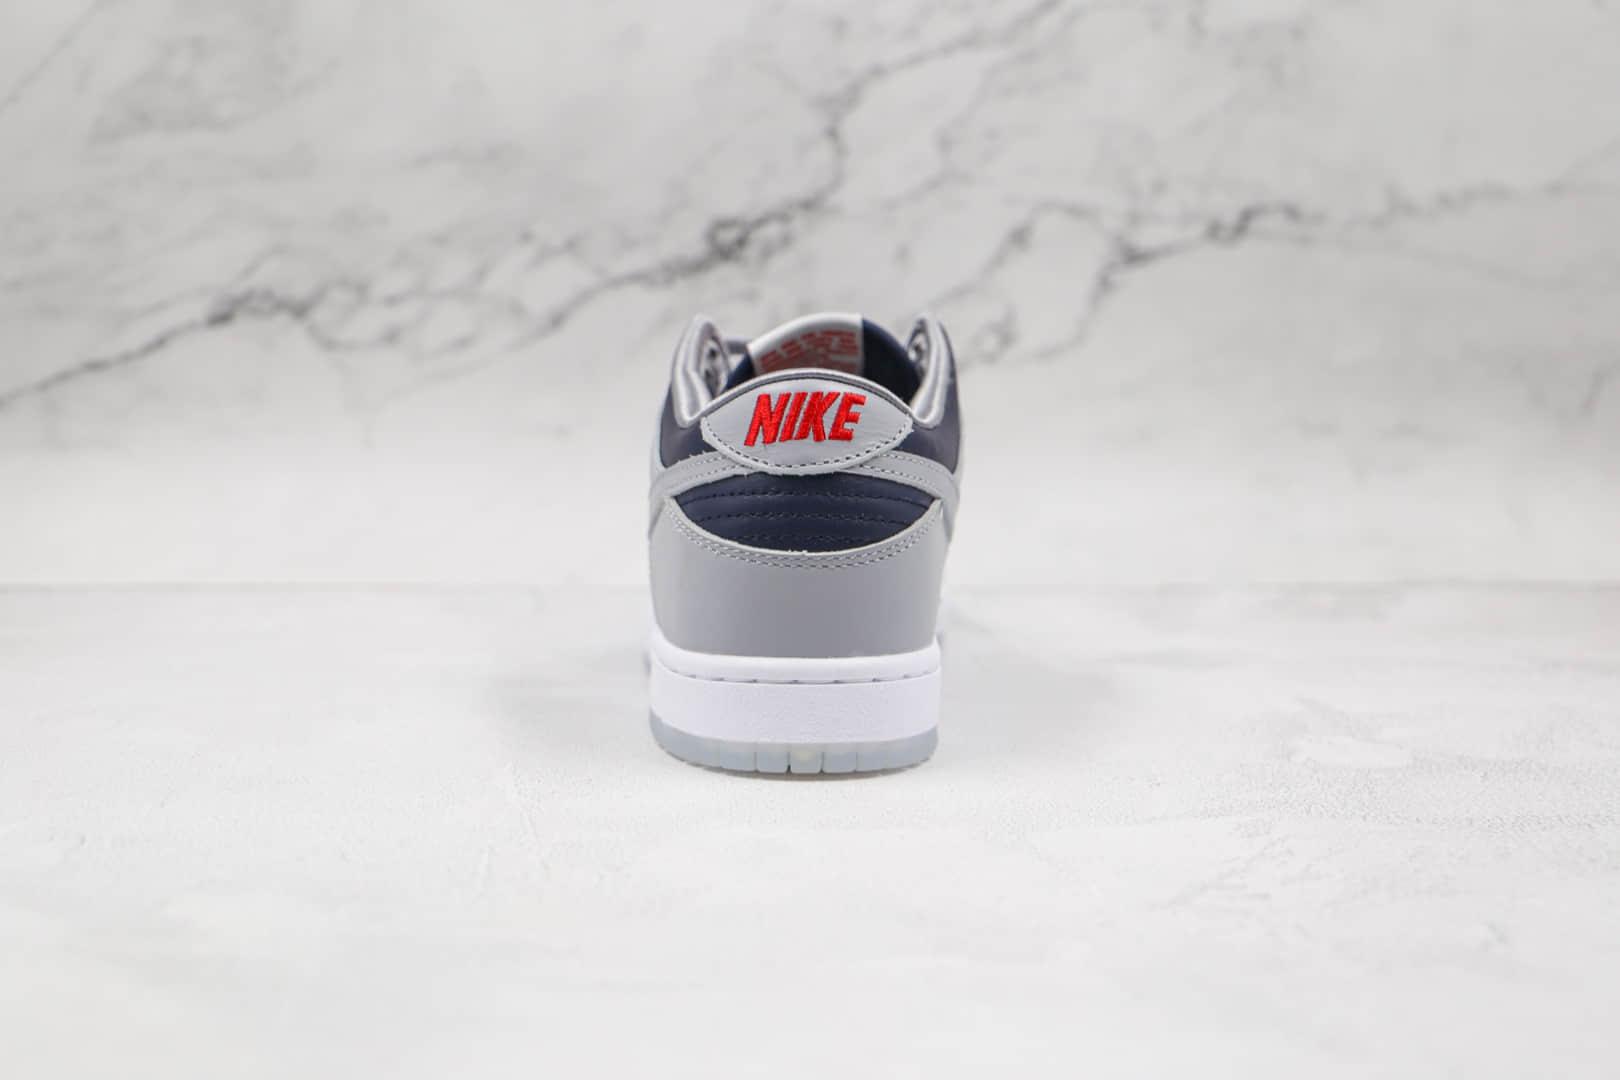 耐克Nike SB Dunk Low SP纯原版本低帮SB DUNK影子灰二代板鞋内置Zoom气垫 货号:DD1768-400